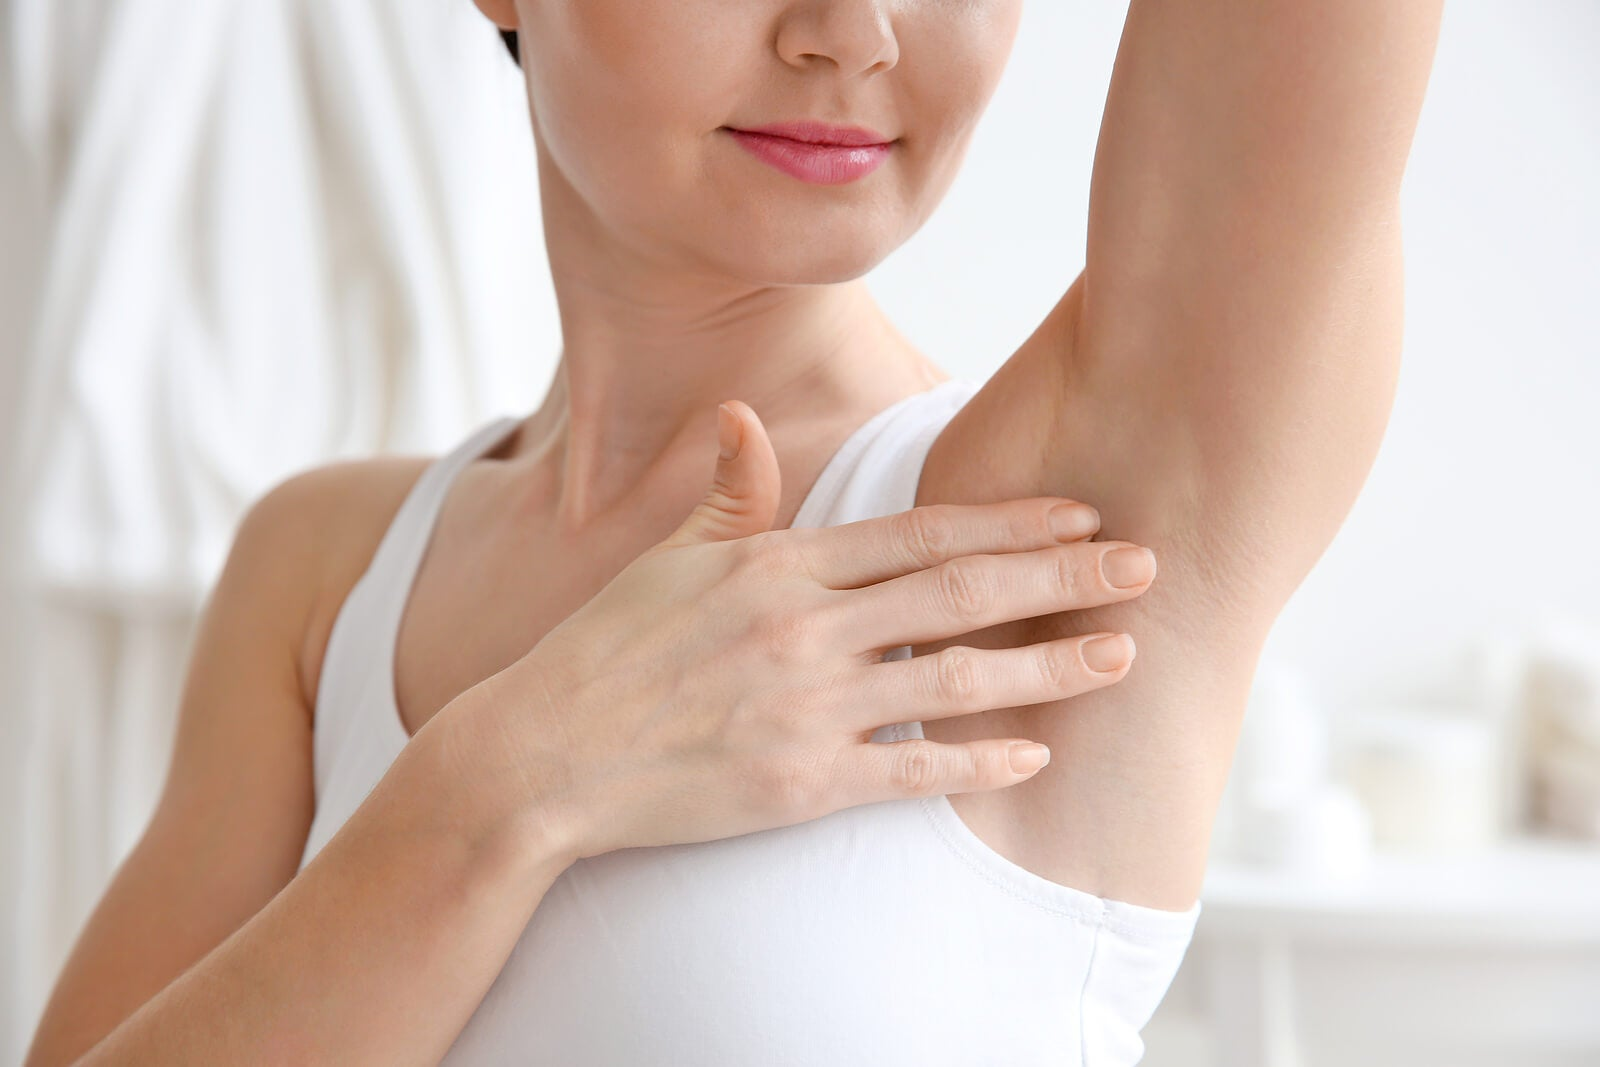 Desodorante en las axilas reduce la utilidad de las cuchillas de afeitar.